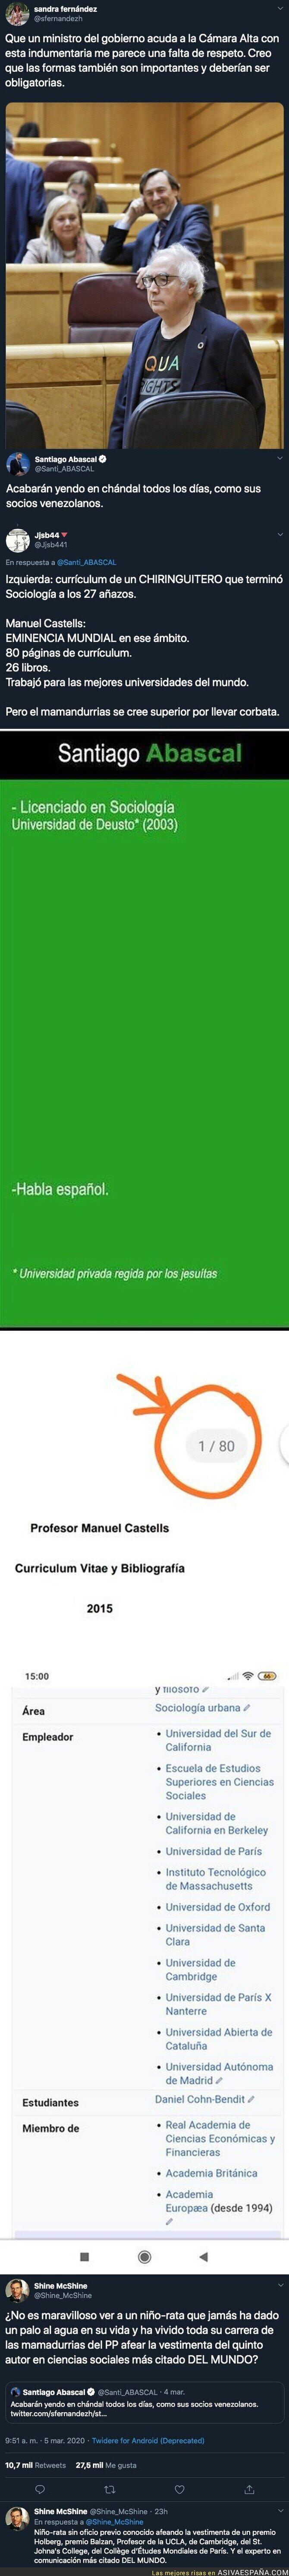 137044 - Santiago Abascal critica el look del Ministro de Universidades, Manuel Castells, y sale totalmente escaldado